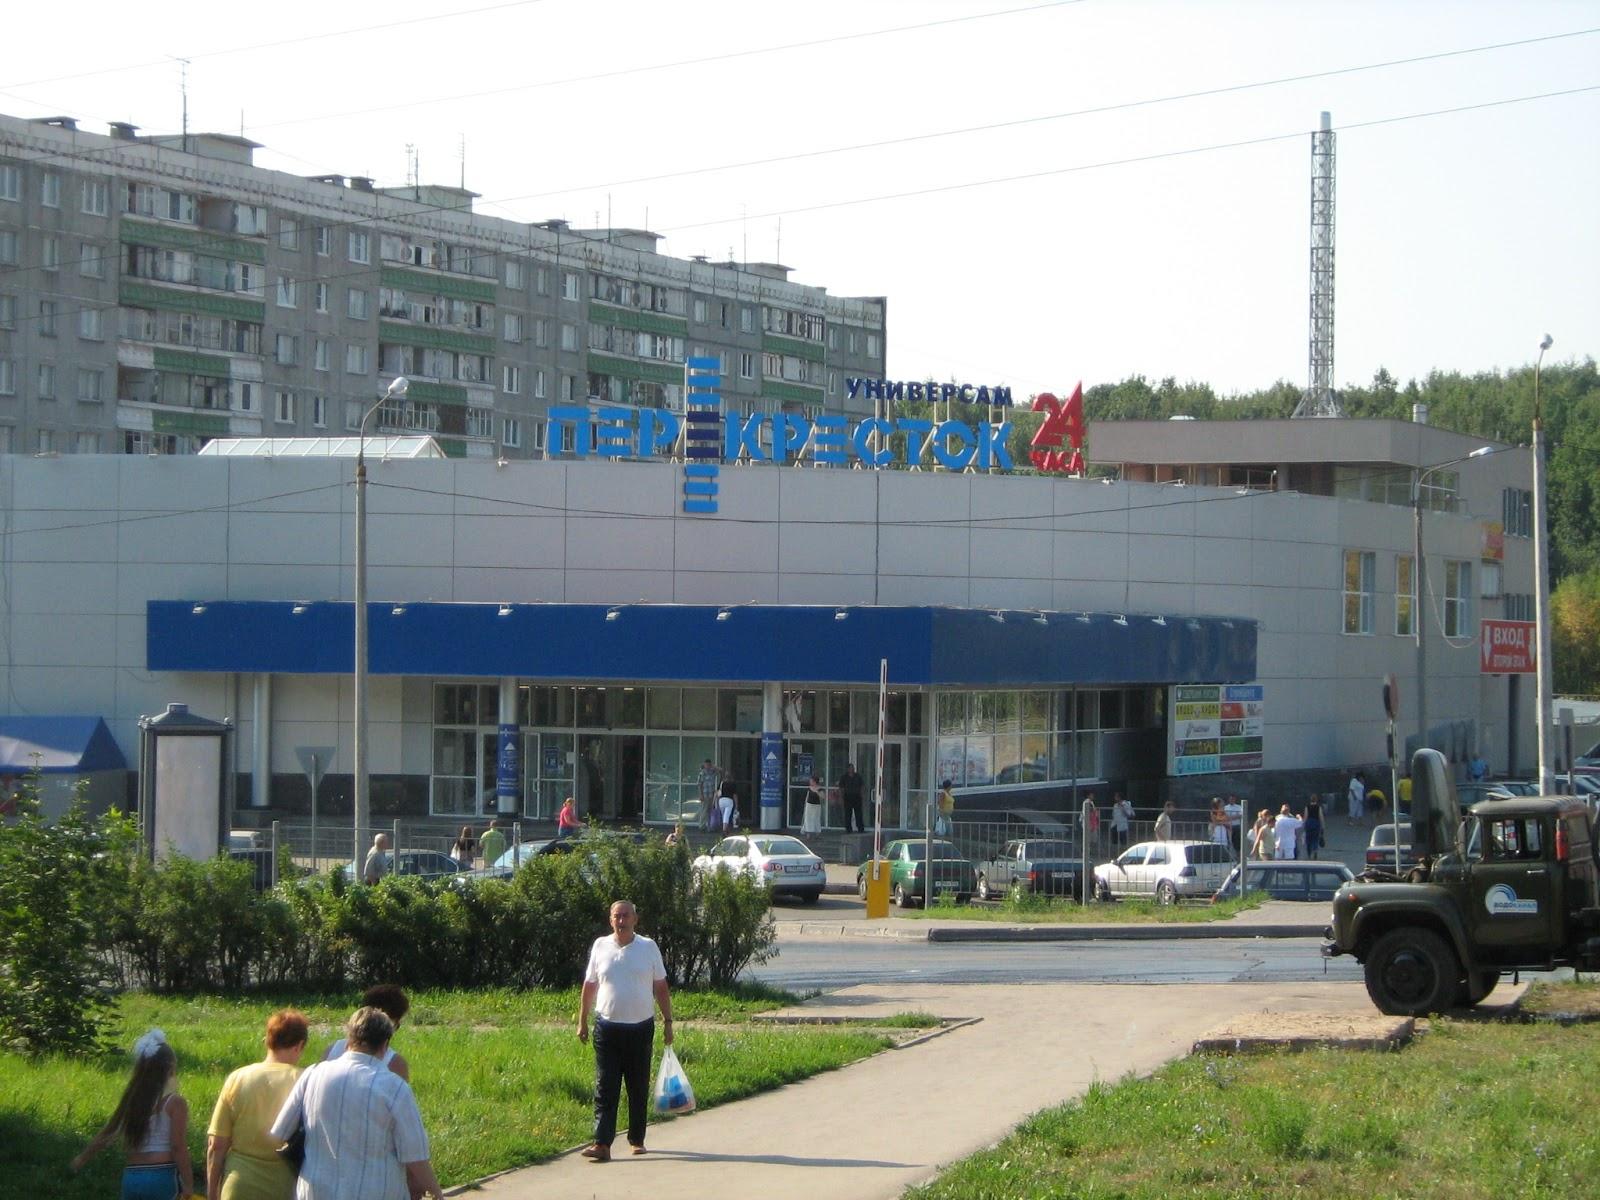 Russia, attentato a un supermercato: bomba artigianale provoca 10 feriti